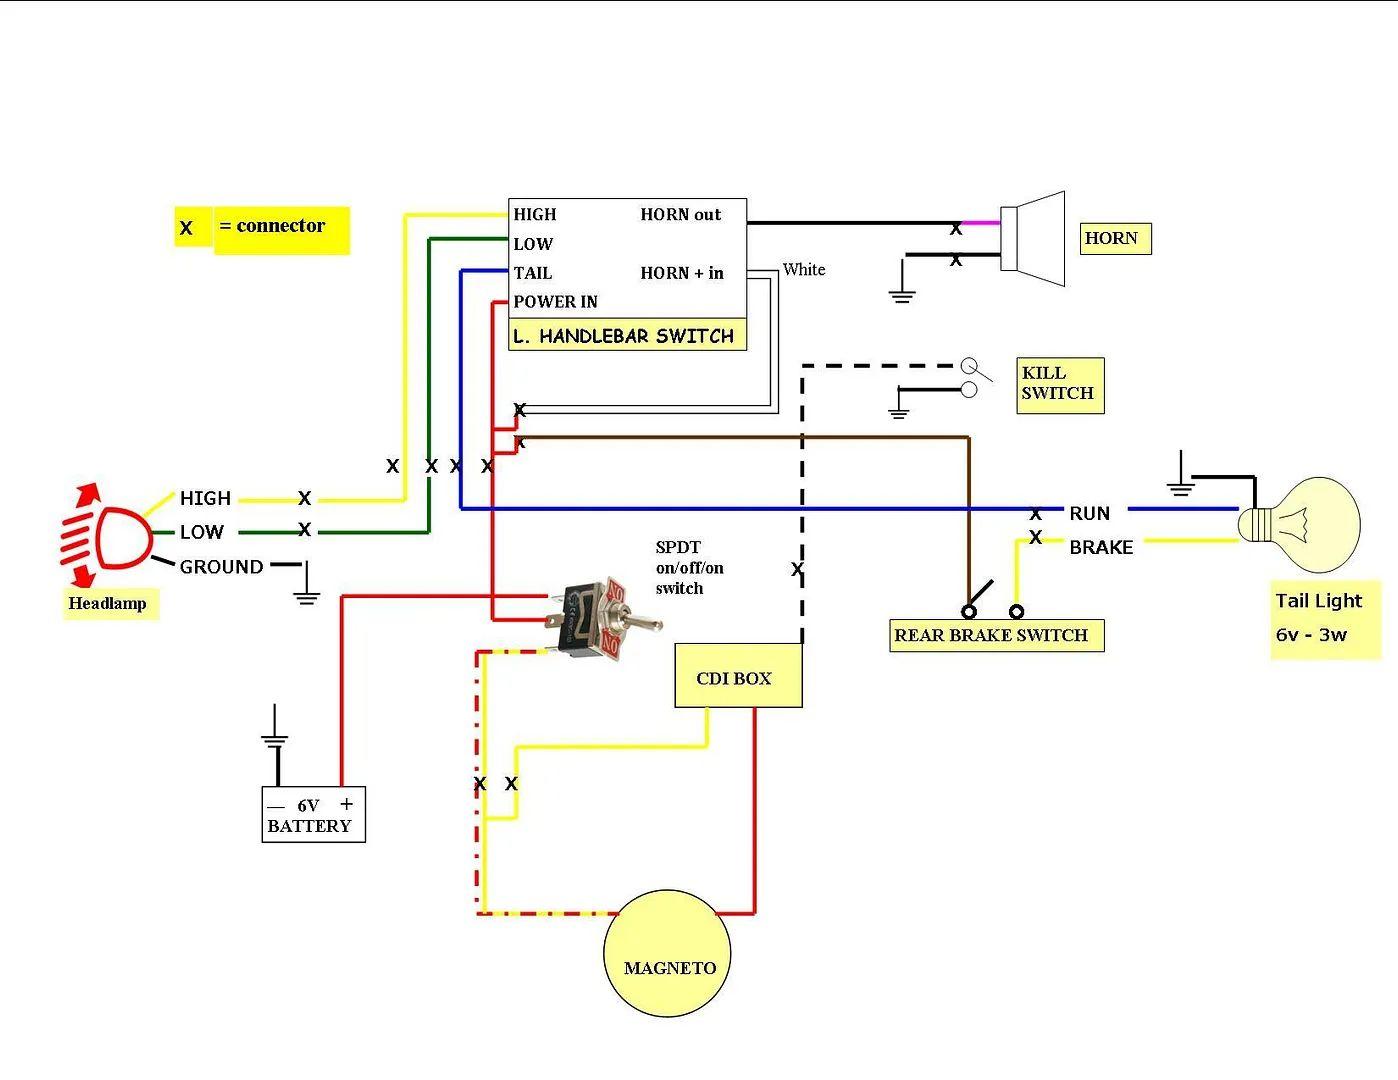 77 harley xl wiring diagram